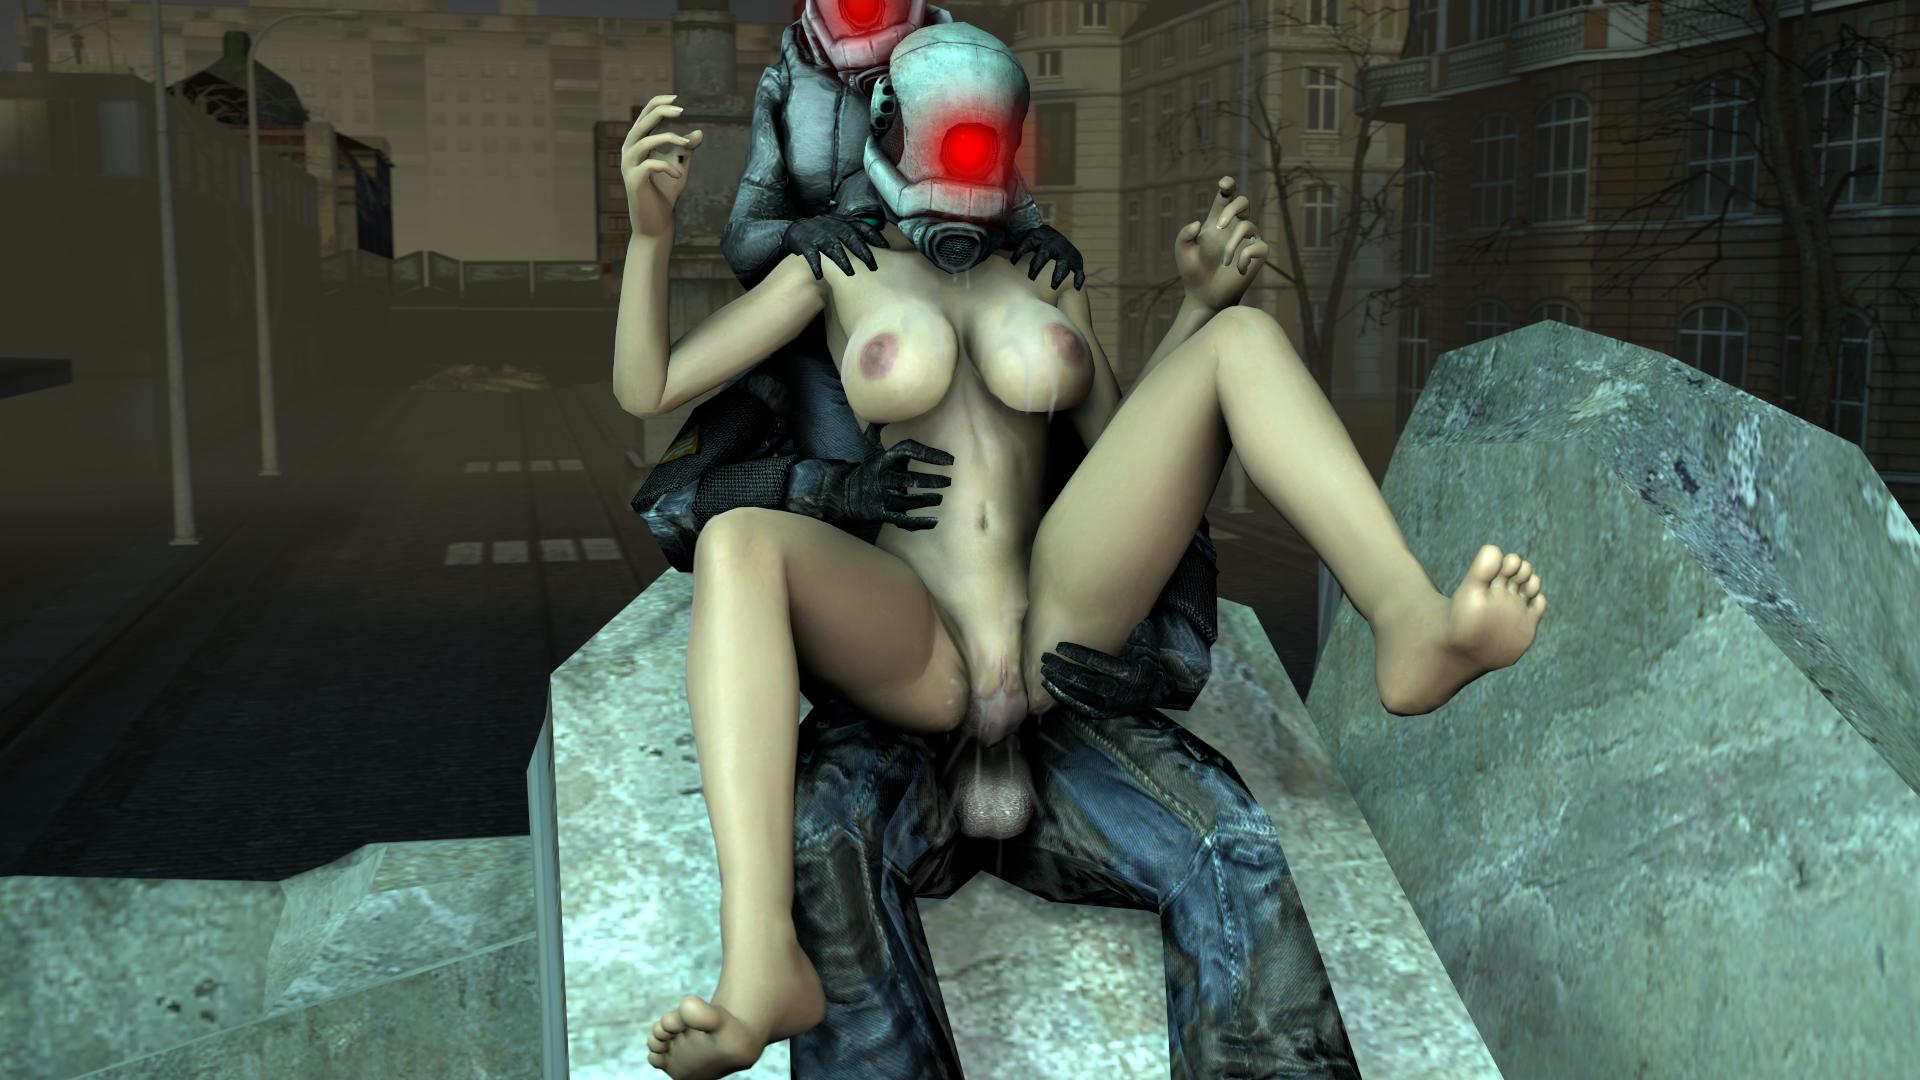 Аликс Вэнс Alyx Vance из игры Халф Лайф Half Life в Порно